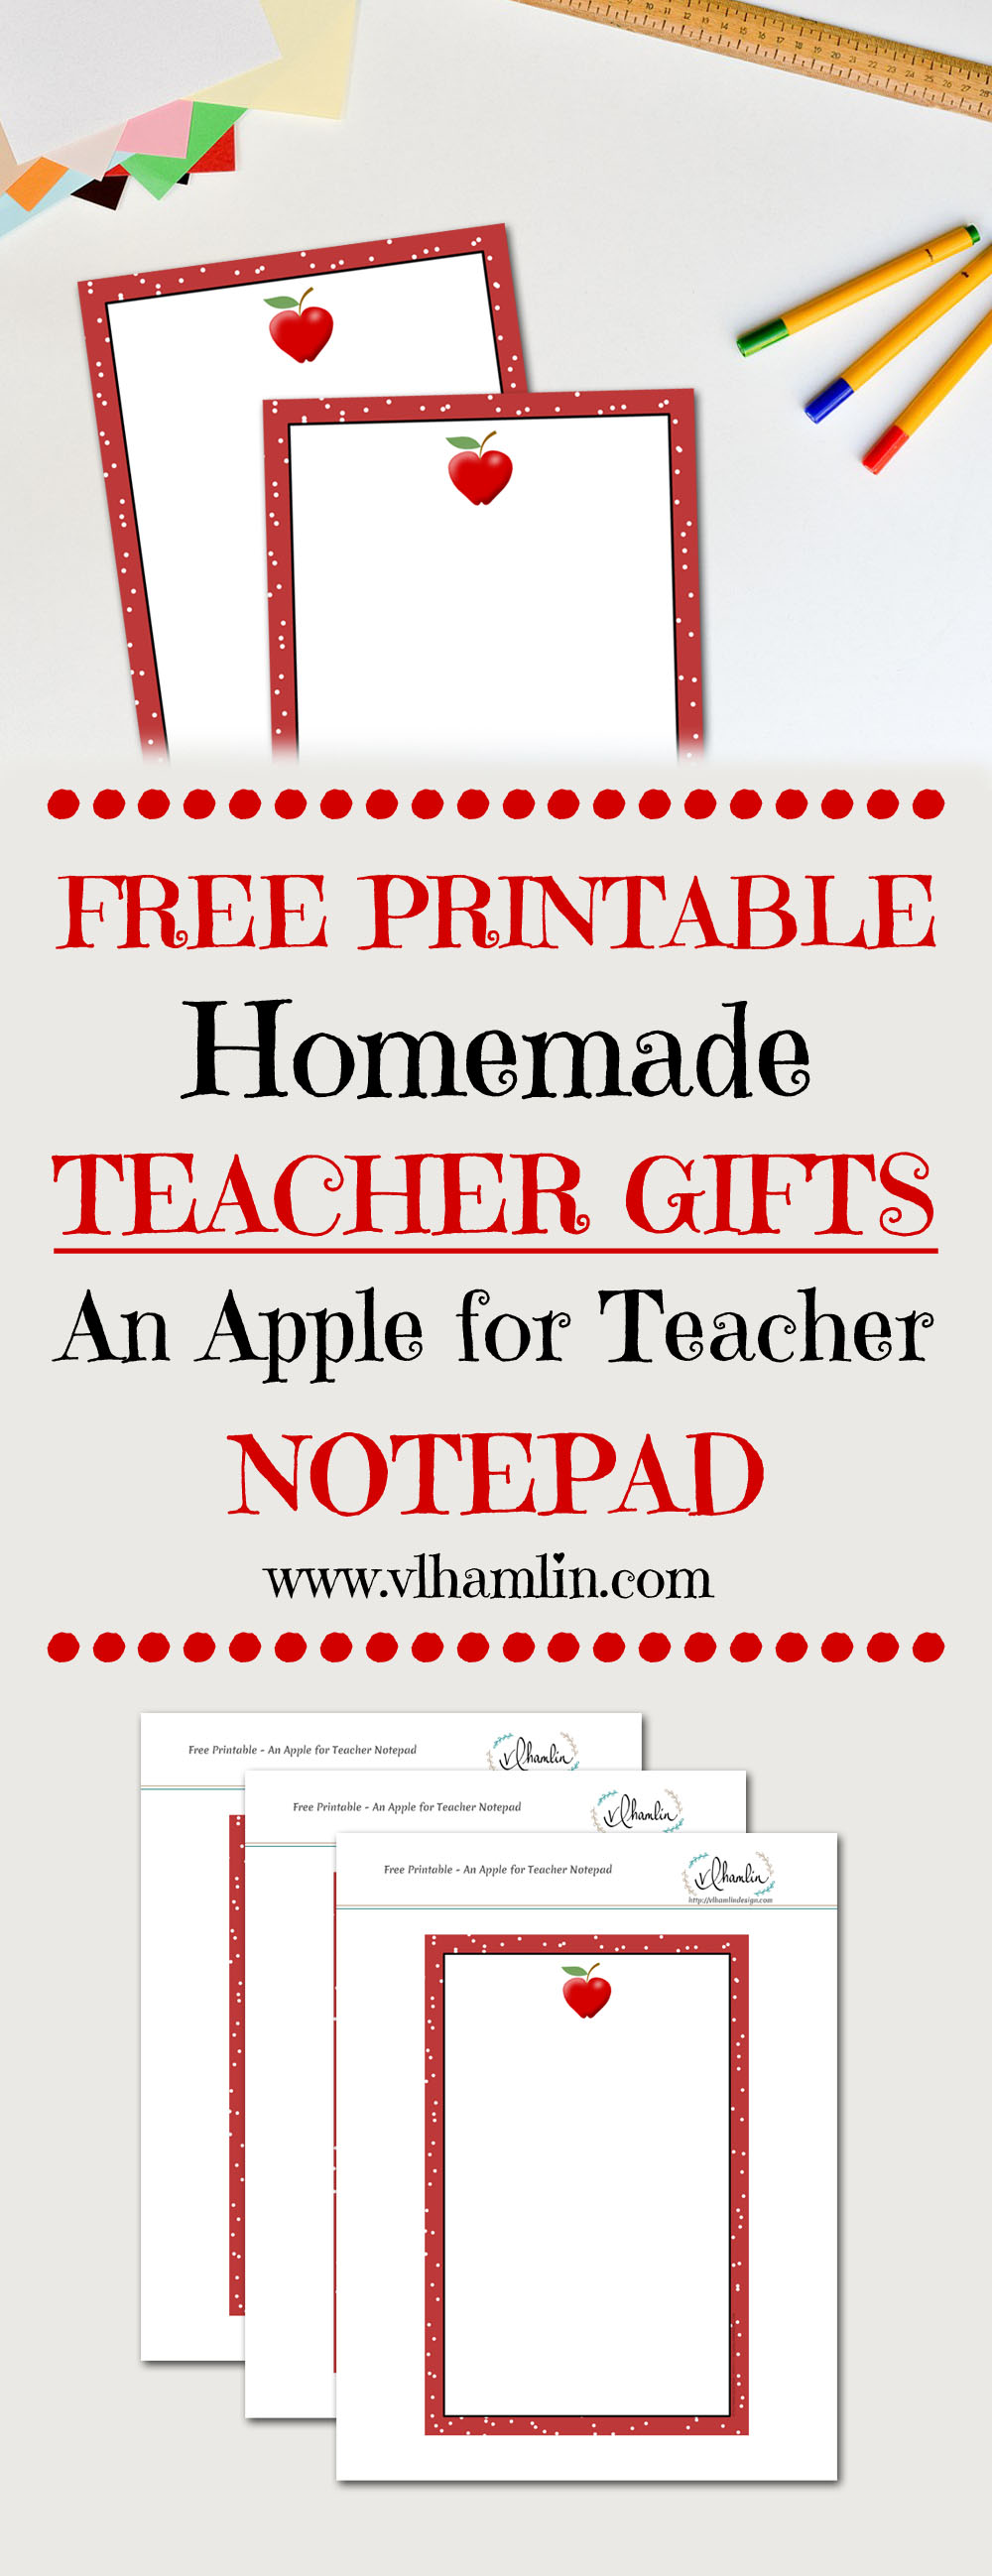 An Apple for Teacher Notepad - LEAD